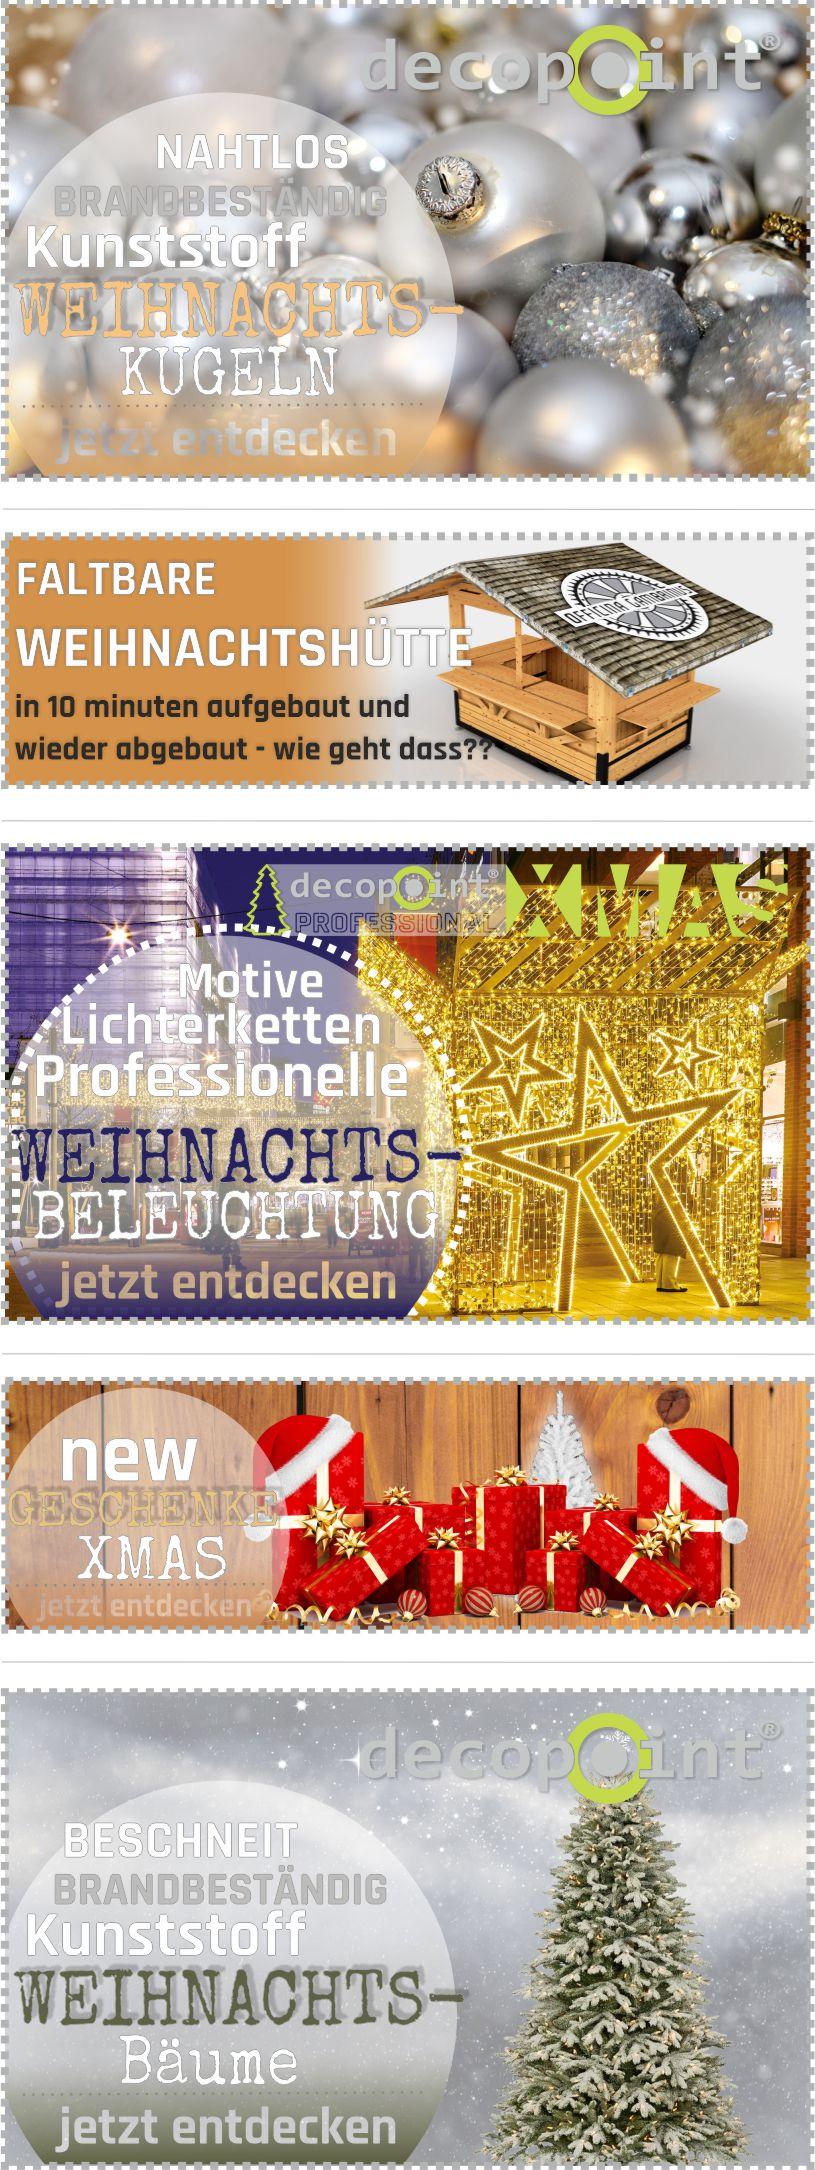 KW43 Weihnachtskugeln_Huette_Geschenke_Baum